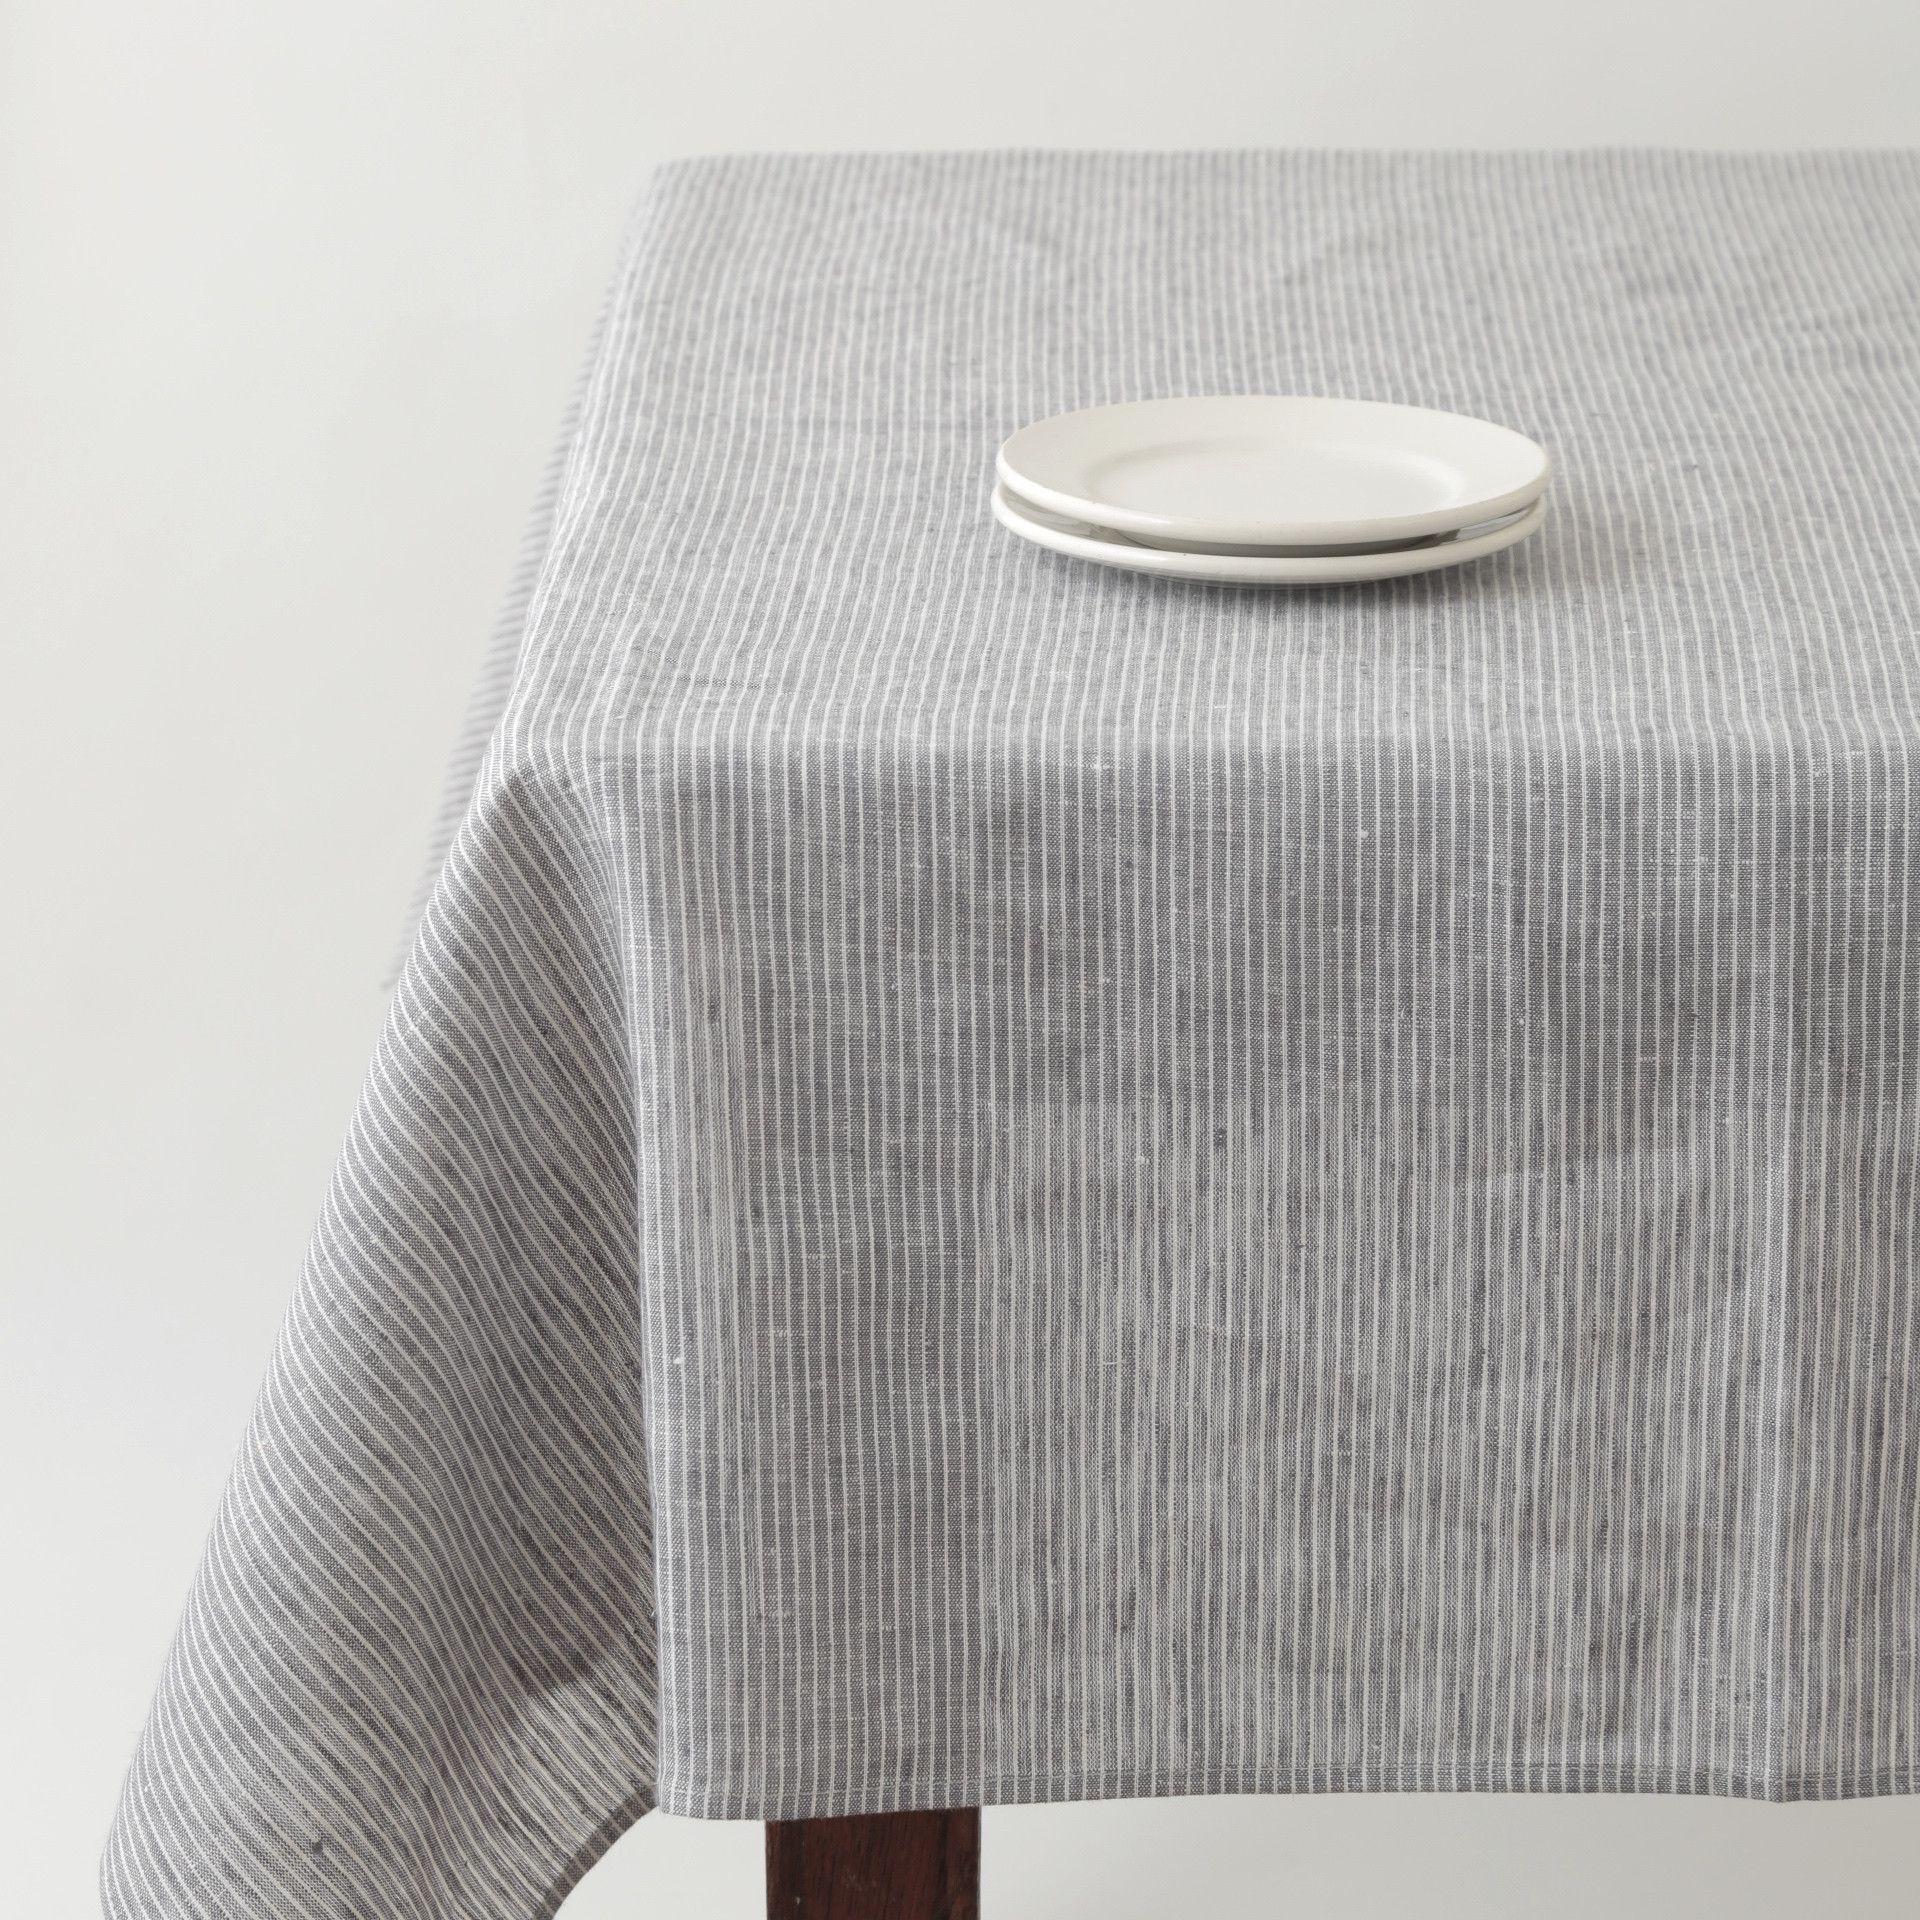 Marvelous Tablecloth: Grey White Thin Stripe